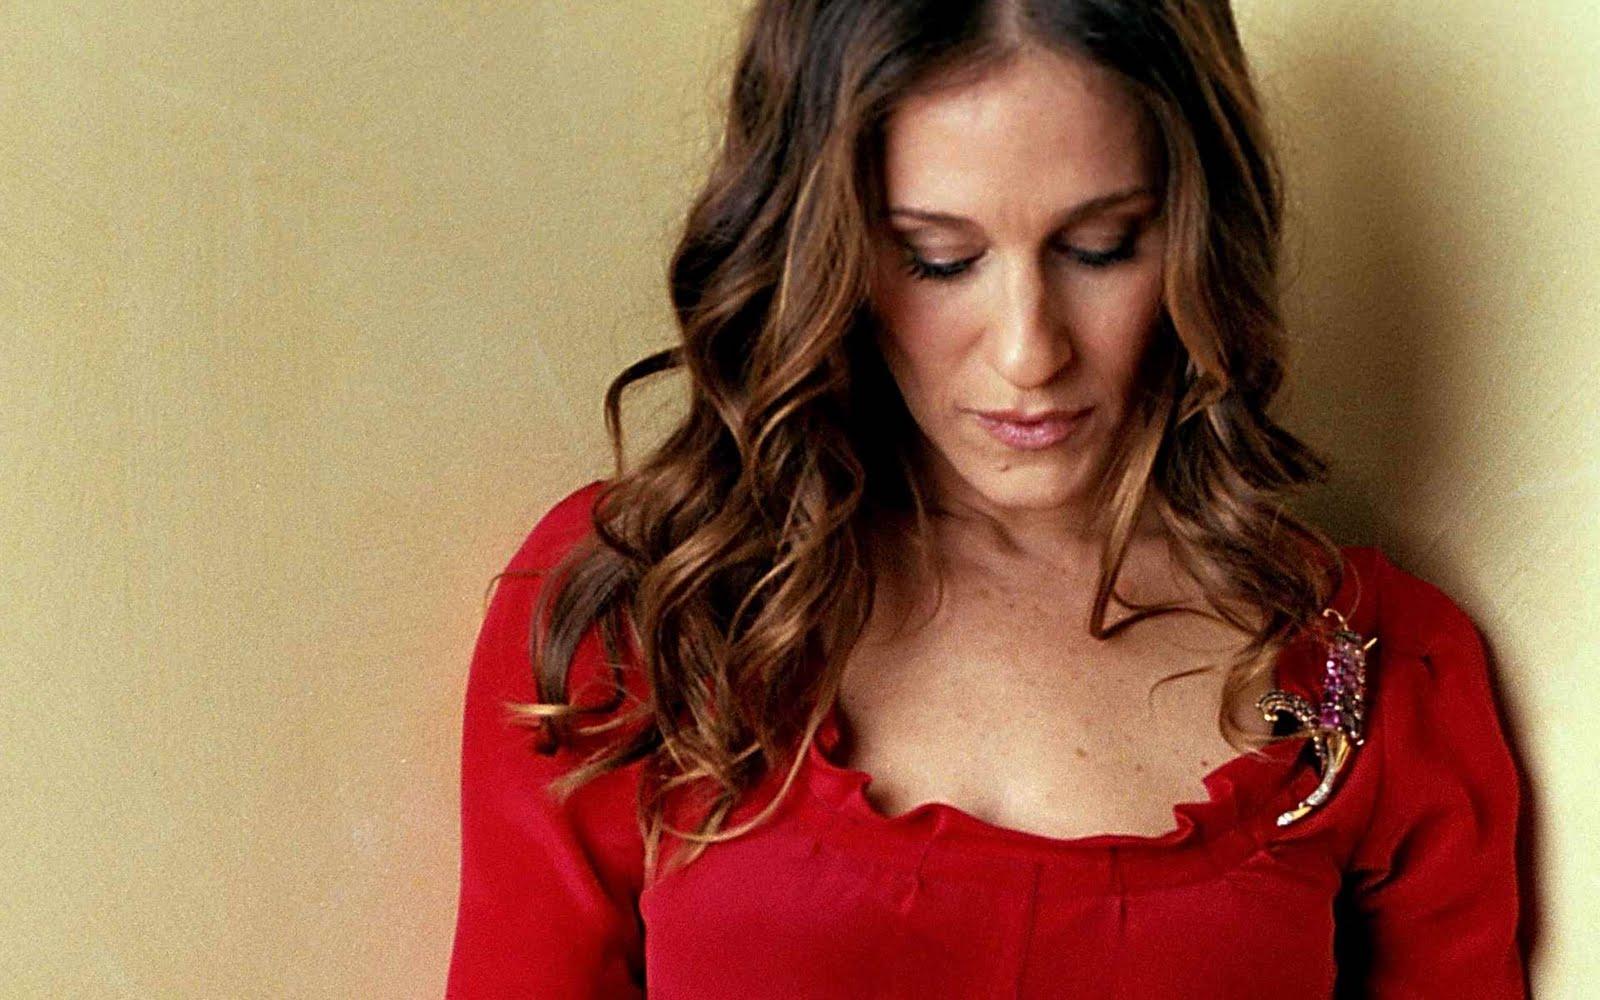 http://4.bp.blogspot.com/-LW9IisYGBOY/TtT5raYAjCI/AAAAAAAAJtE/iMBGUpuW01Y/s1600/Sarah_Jessica_Parker_wallpapers_actress.jpg